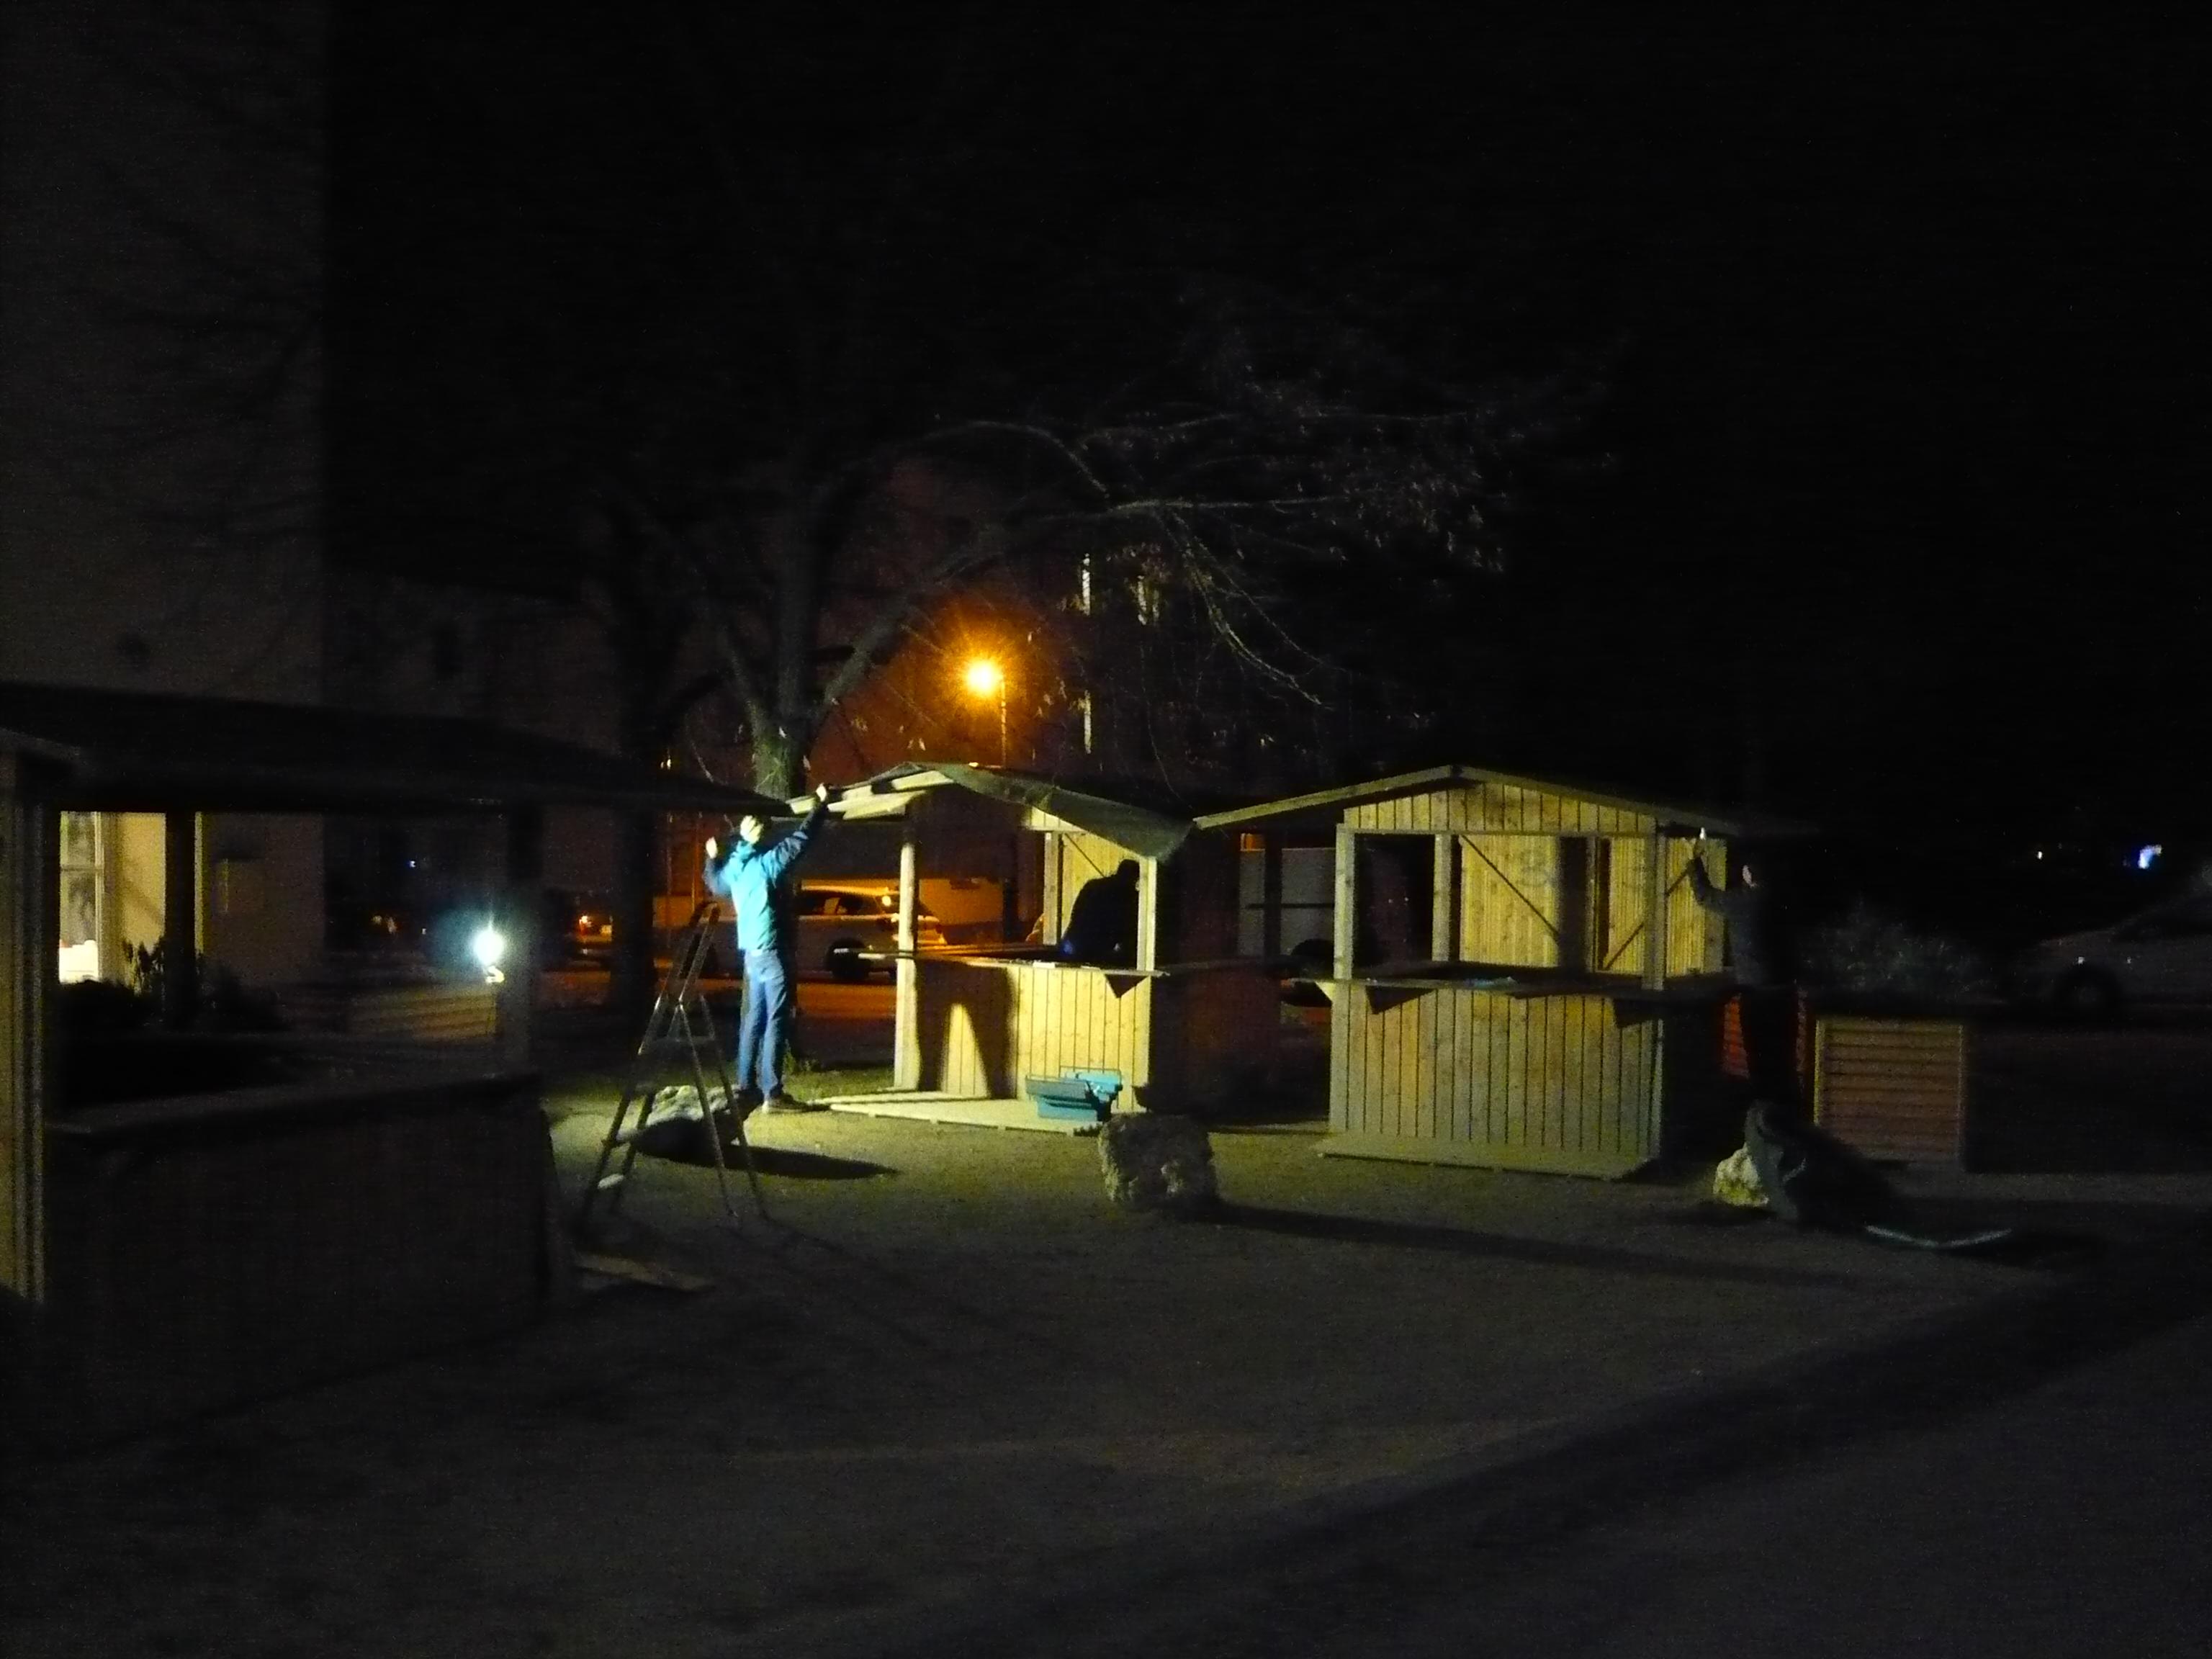 Kleinster Weihnachtsmarkt Darmstadts in der Postsiedlung – der Aufbau ist geschafft…